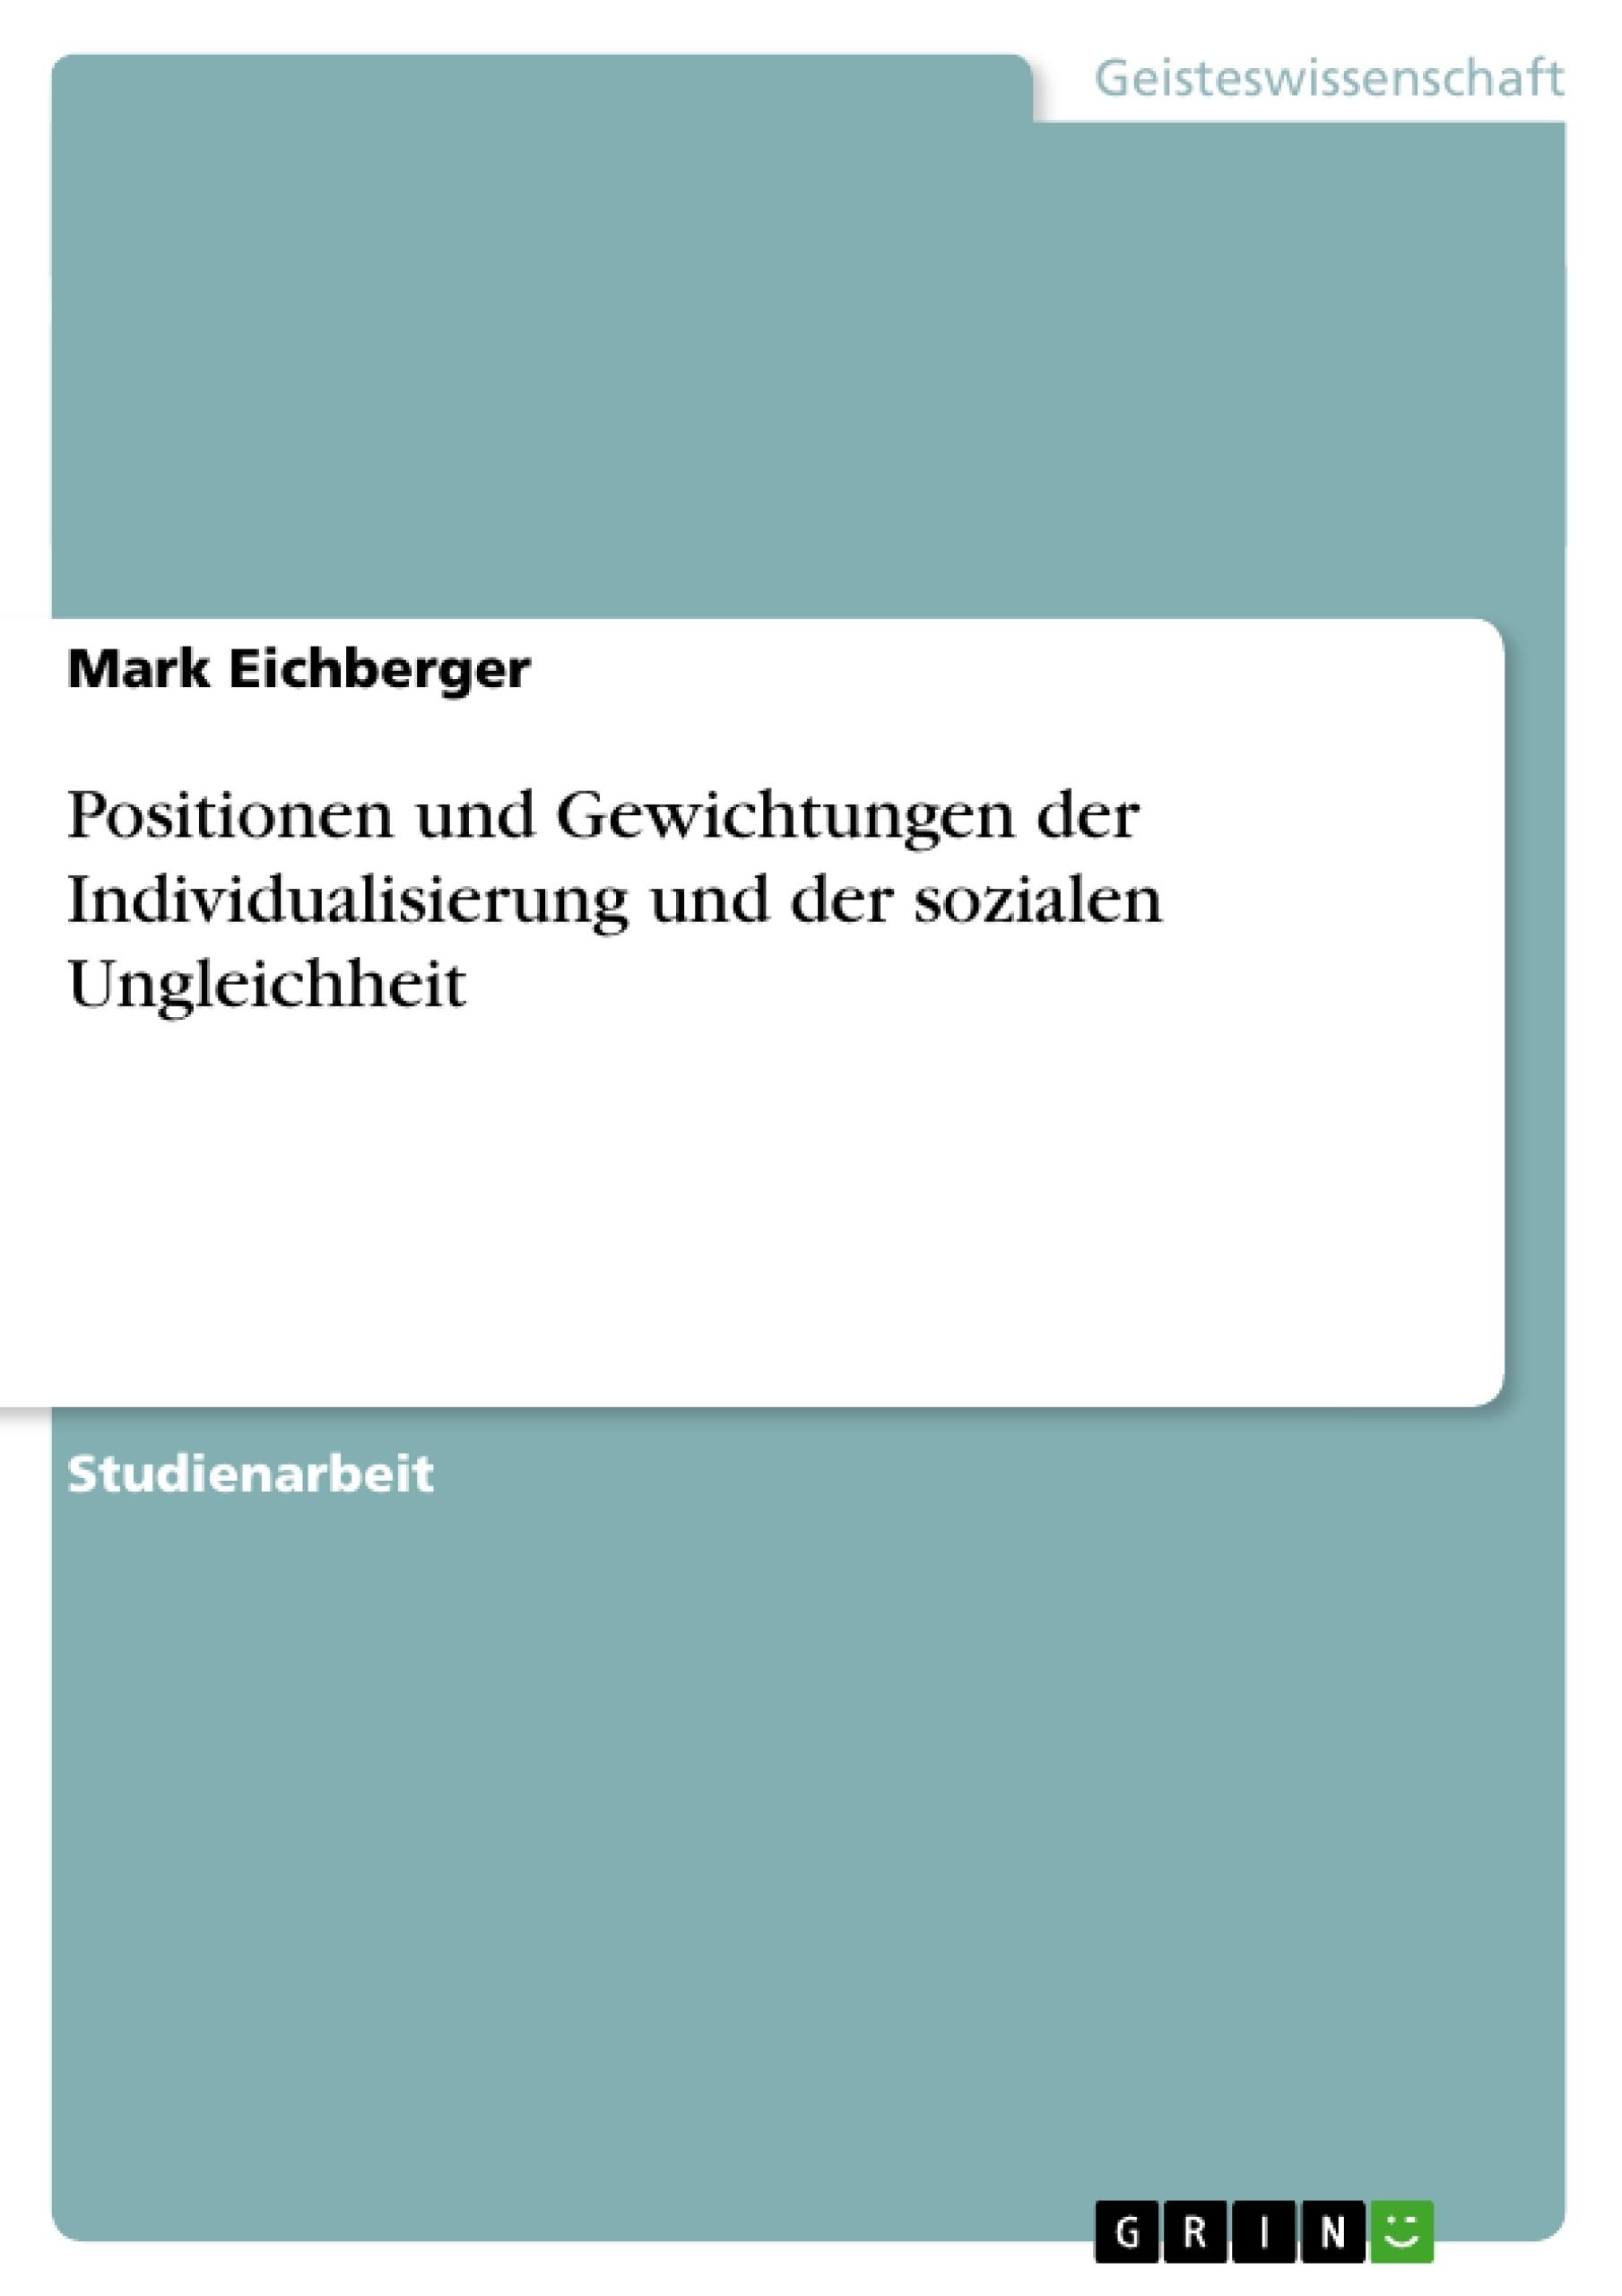 Titel: Positionen und Gewichtungen der Individualisierung und der sozialen Ungleichheit